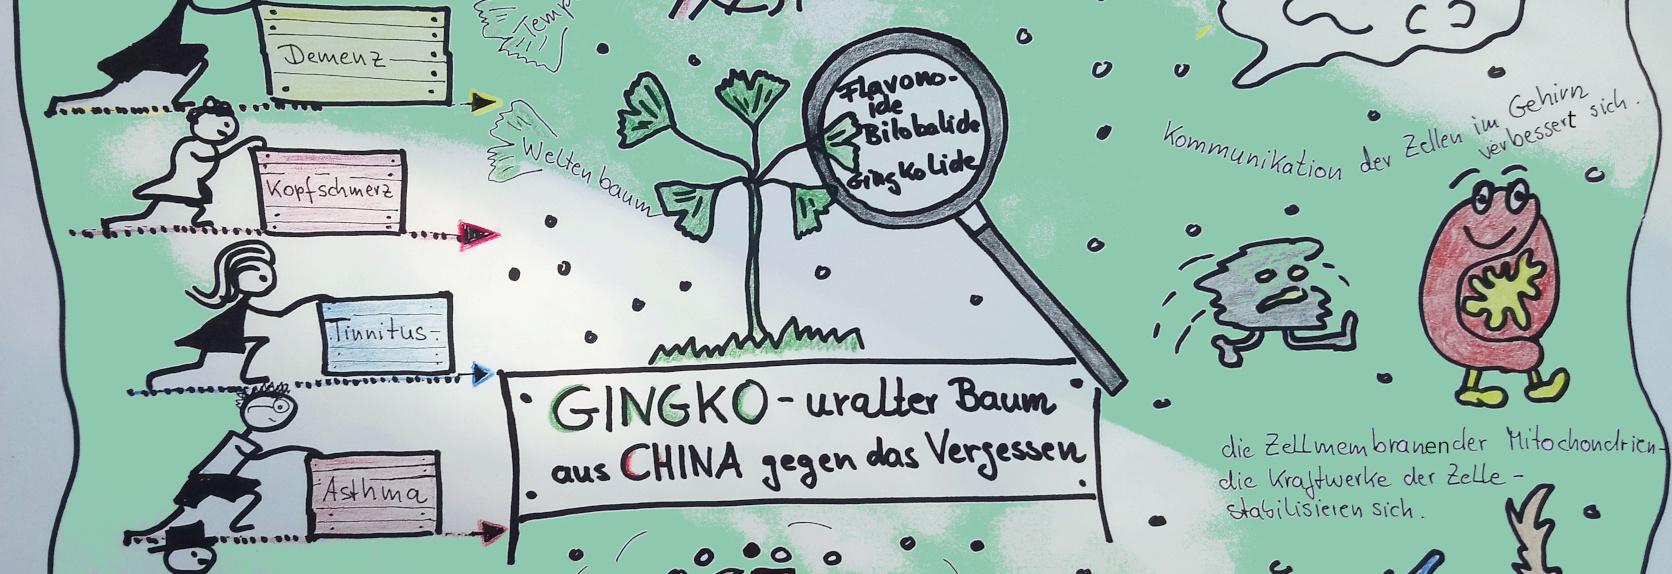 Apotheke Barlach Ginkgo